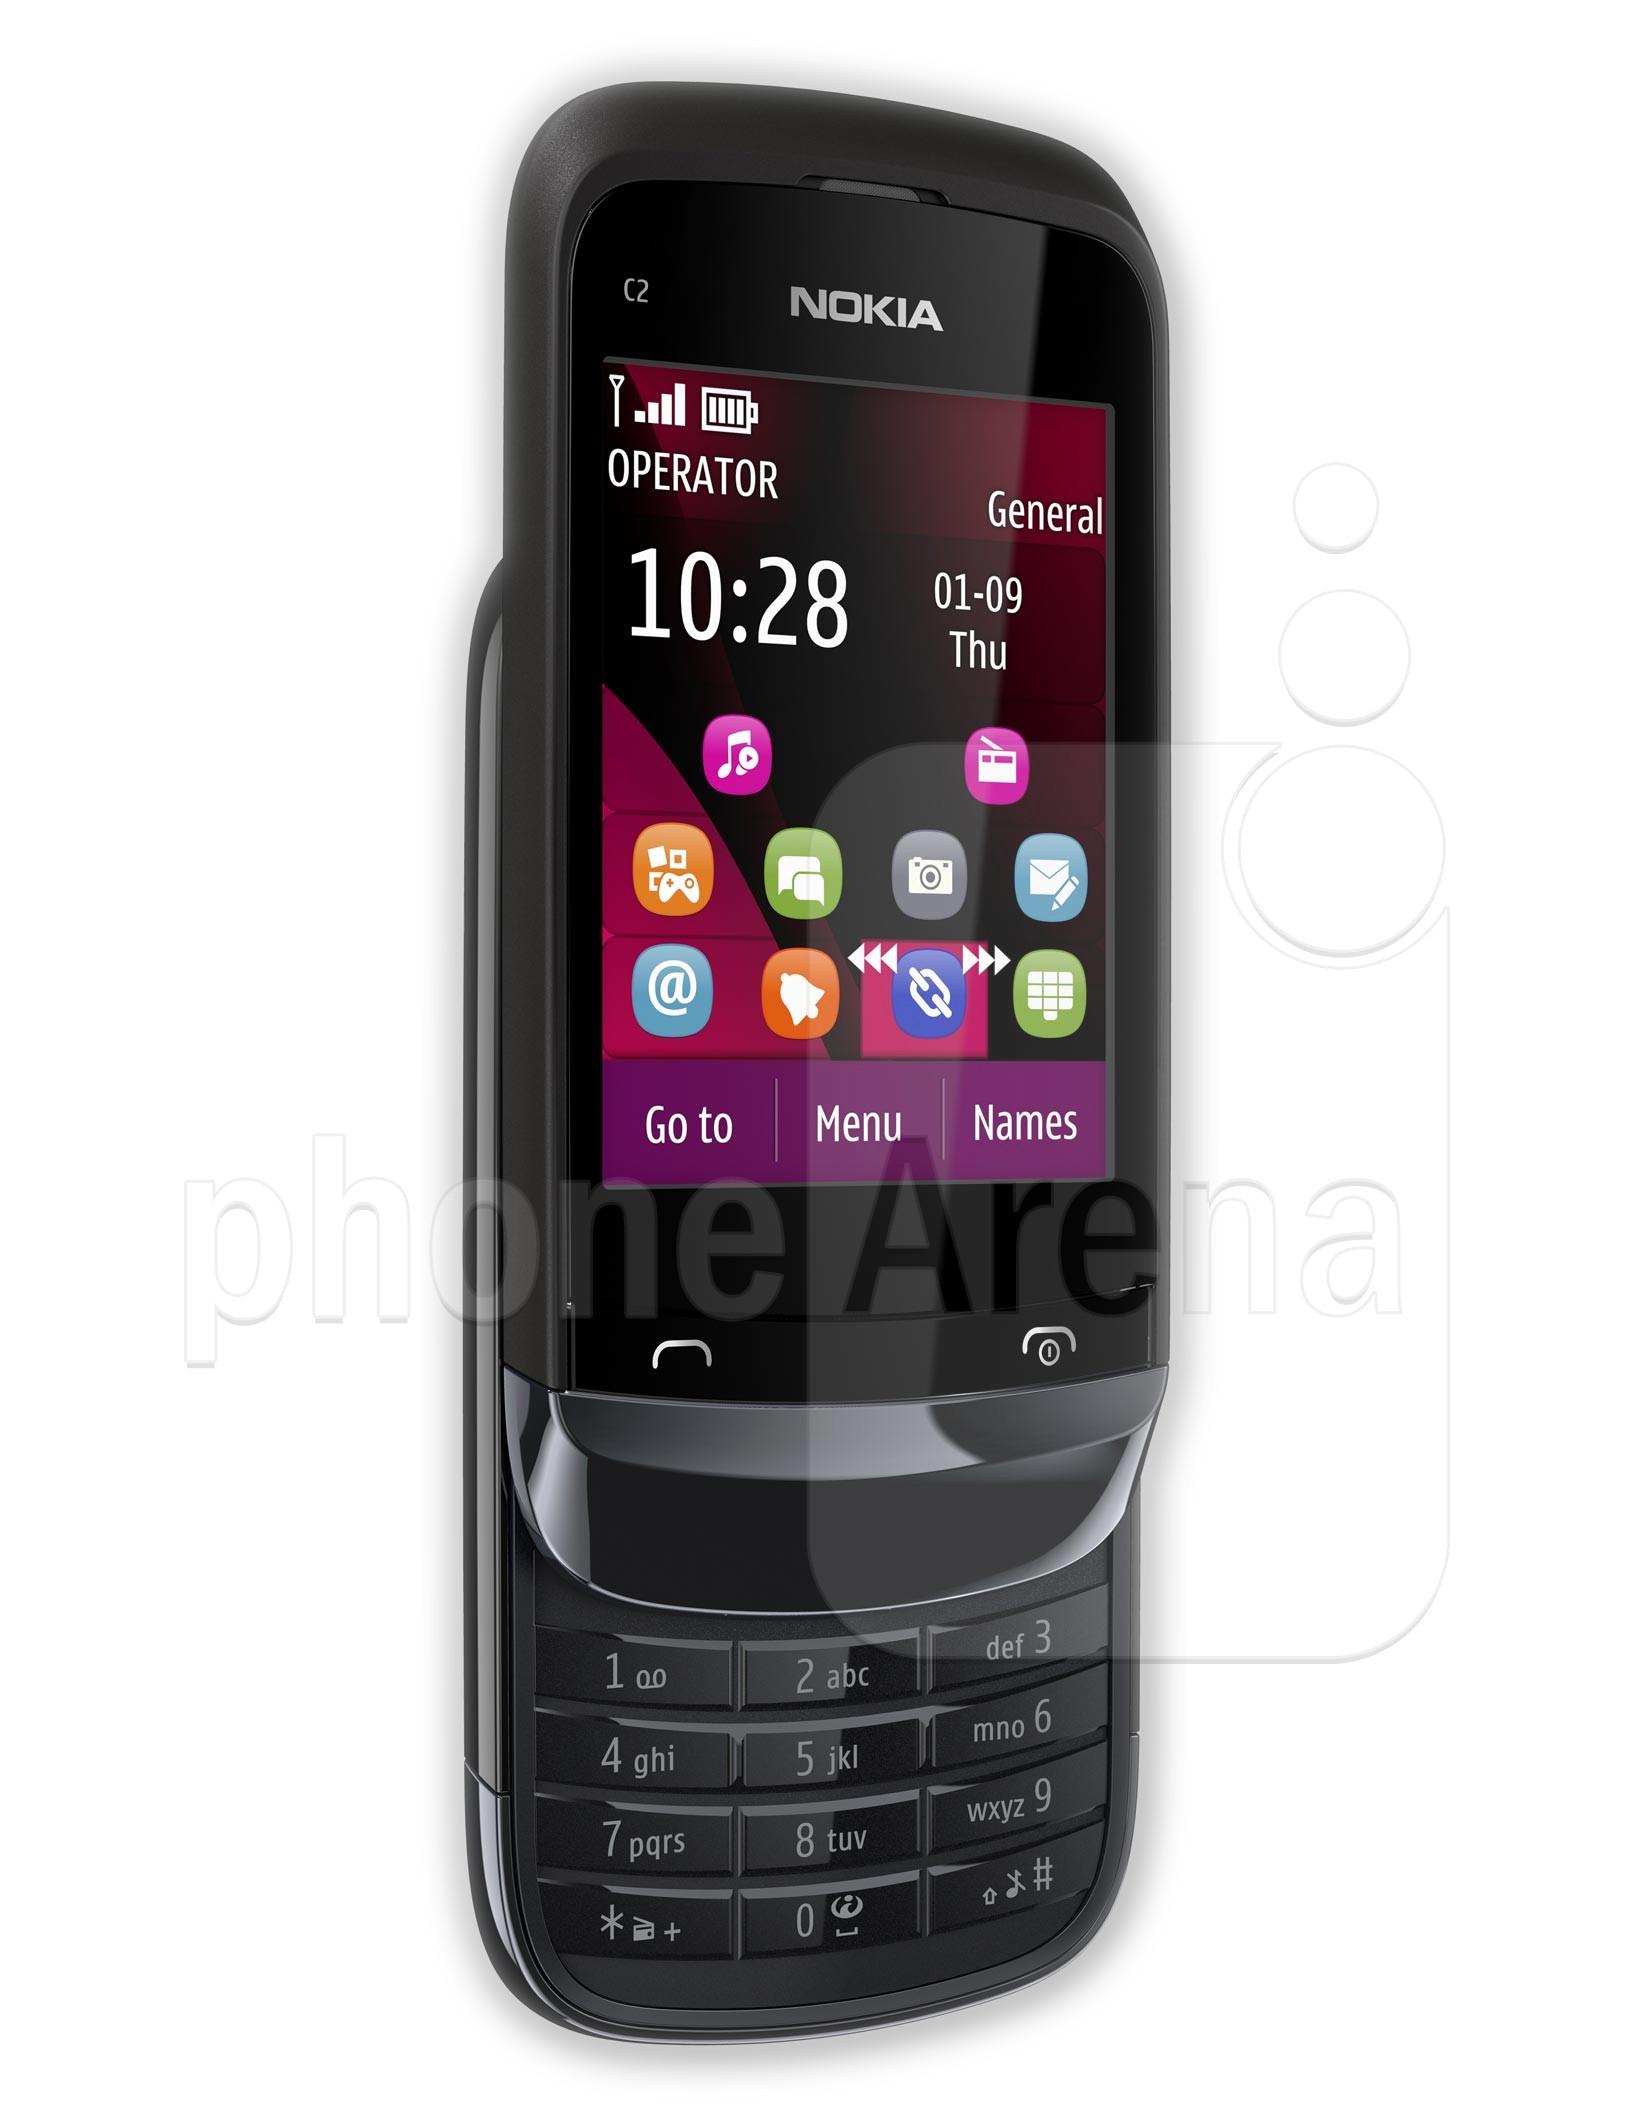 Nokia C2 02 specs